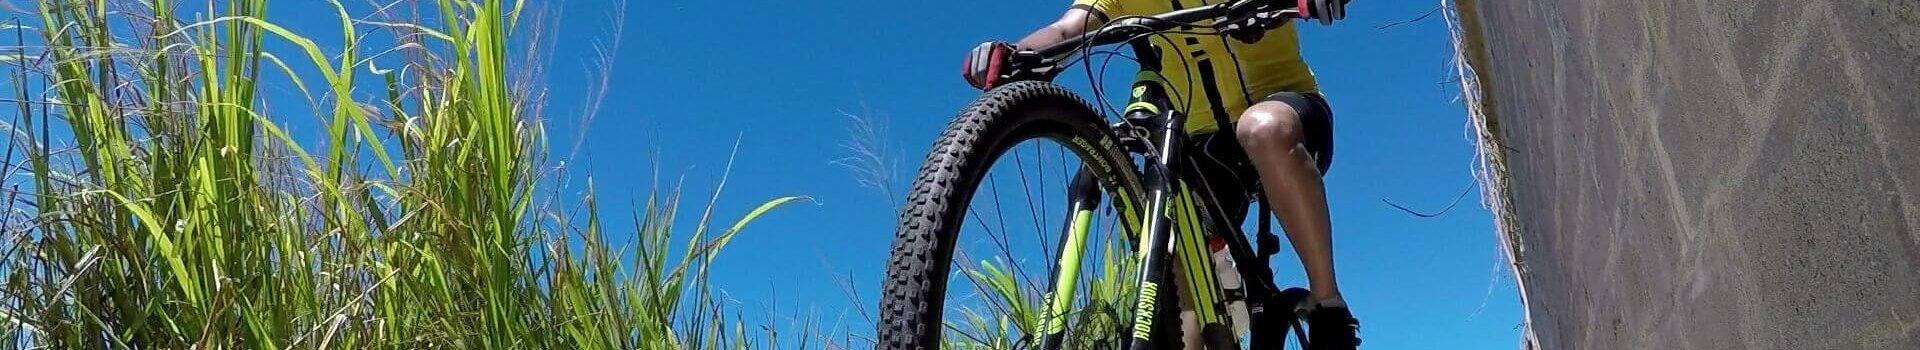 Czym wyróżniają się koszulki rowerowe wysokiej jakości?